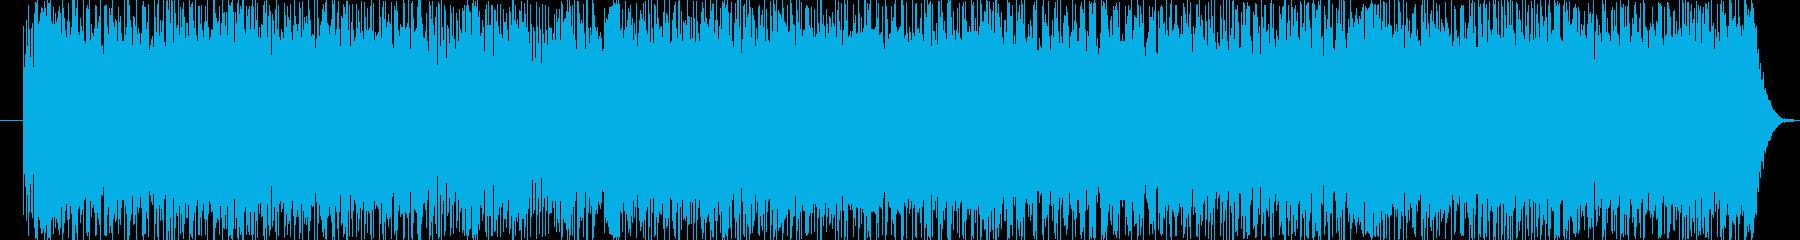 速いテンポのロック系サウンドです。の再生済みの波形